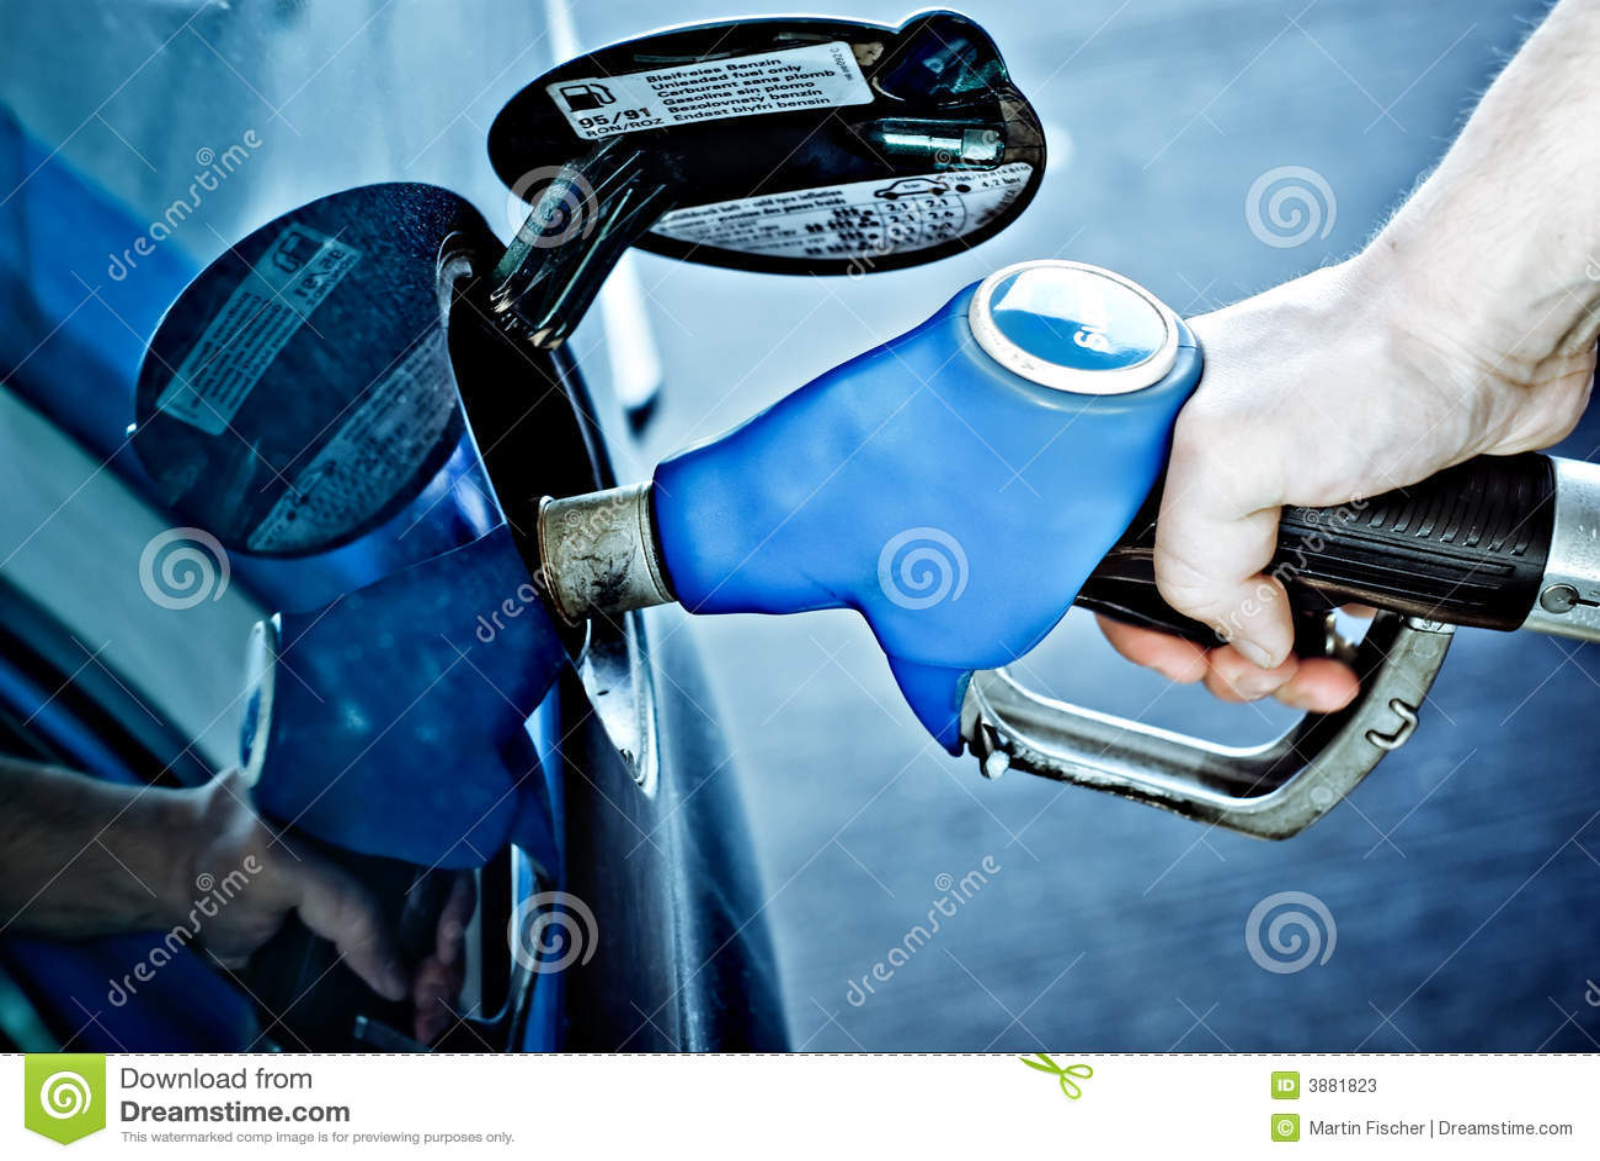 ανεφοδιασμός σε καύσιμα